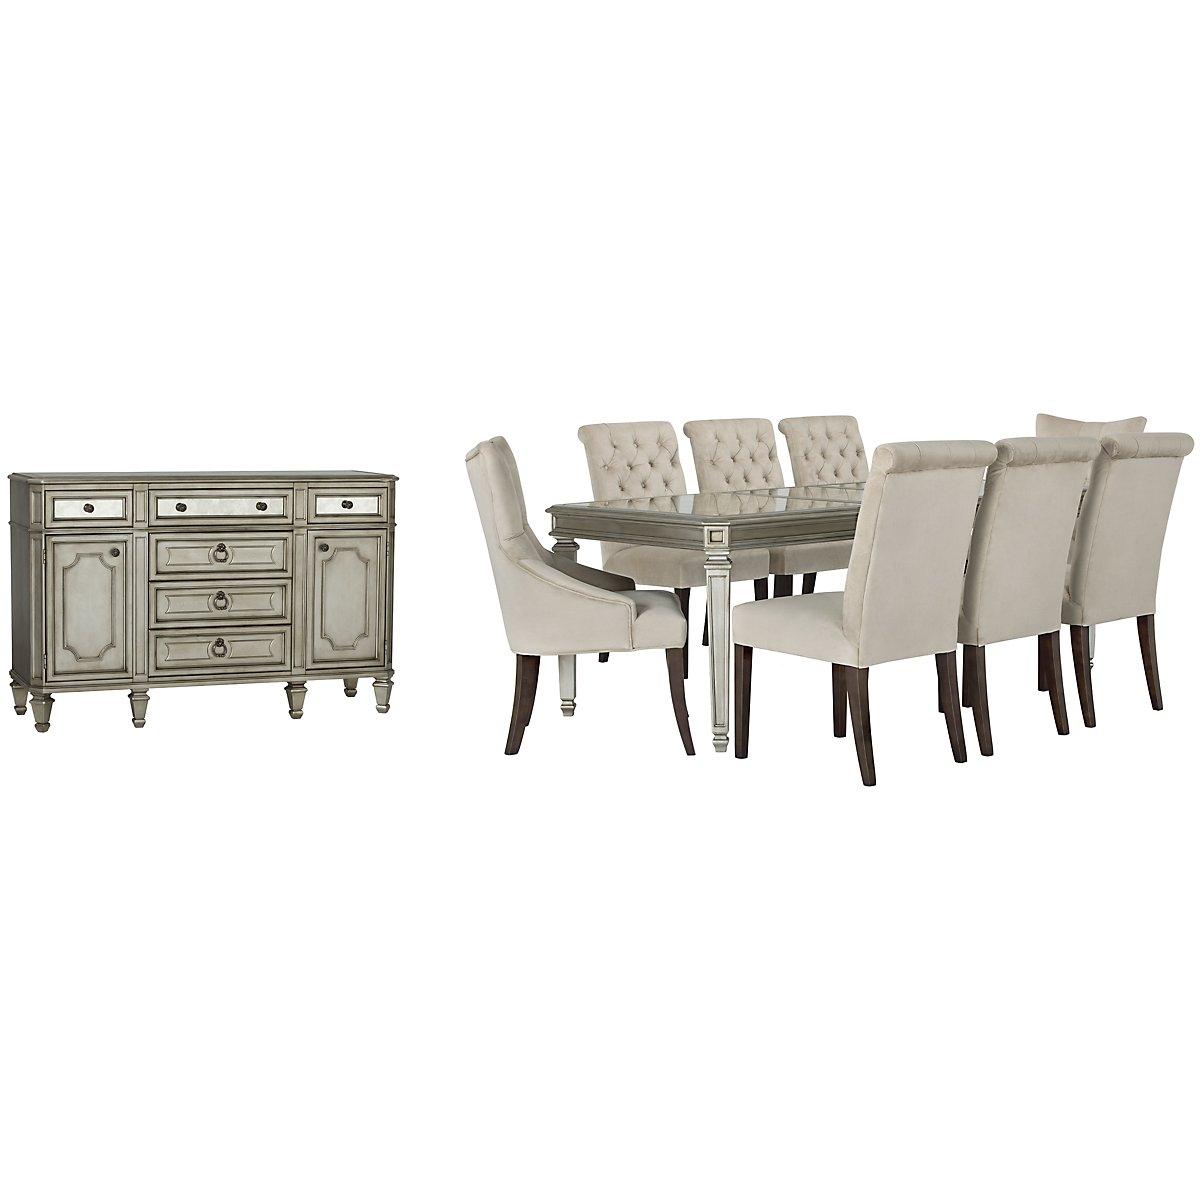 Sloane Light Beige Upholstered Rect Dining Room